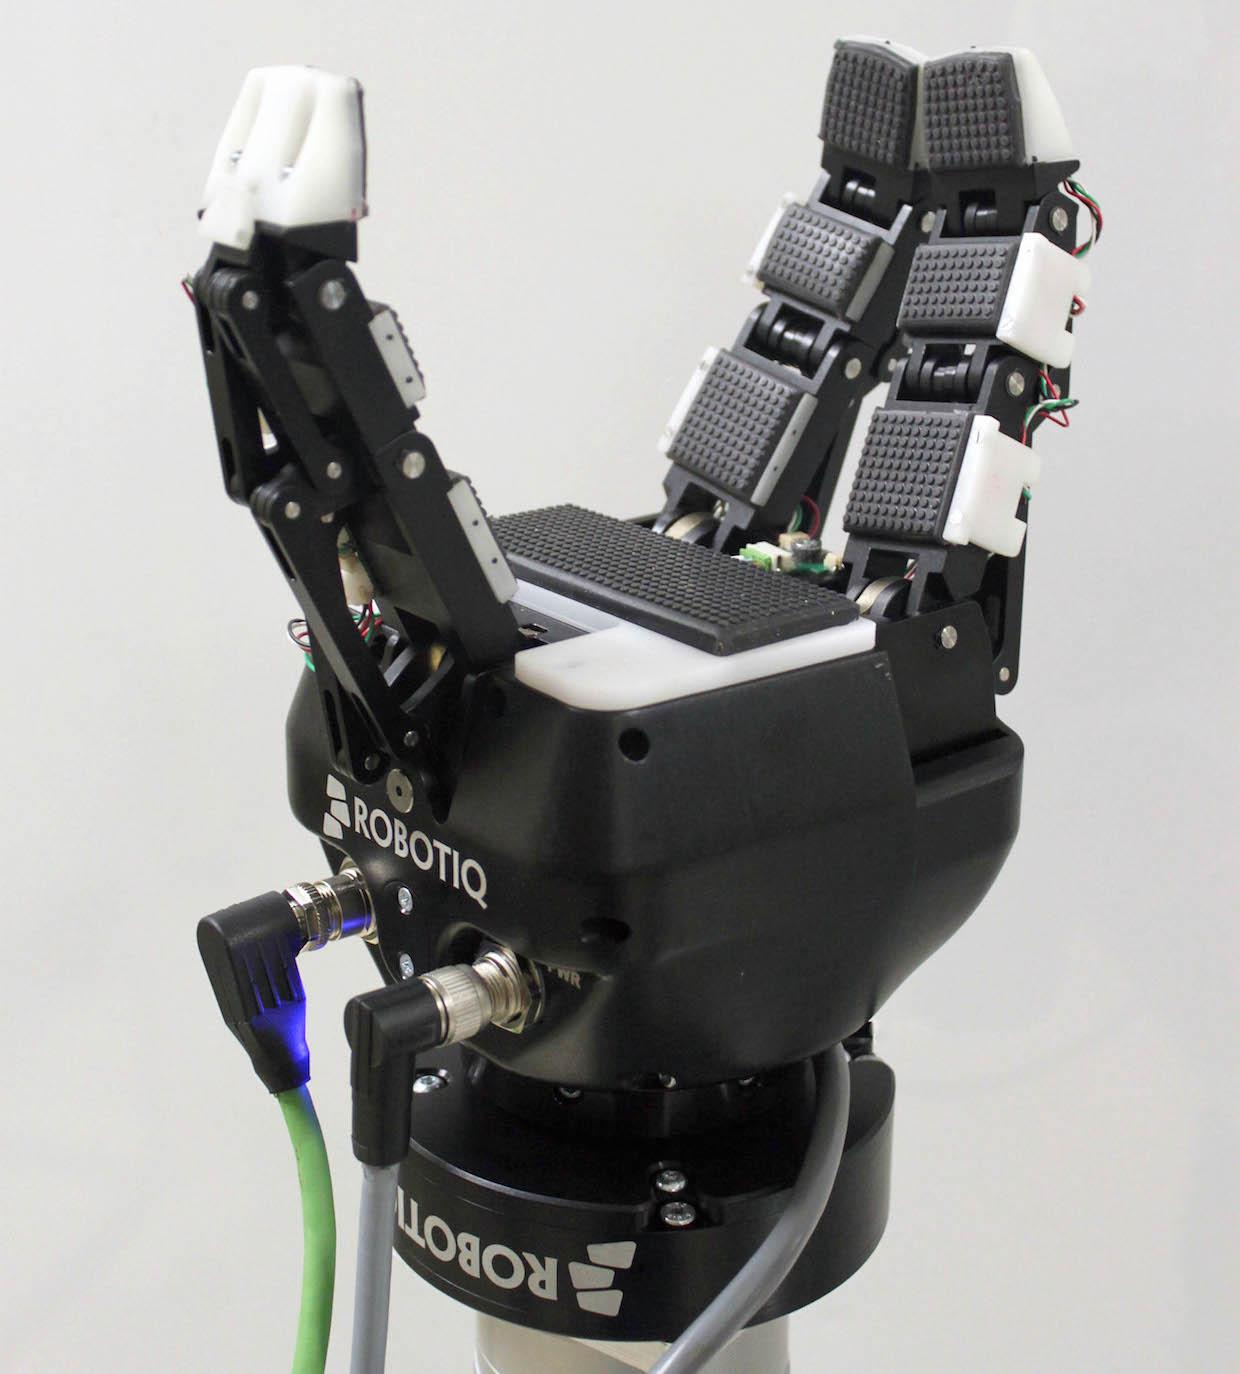 Почему путь в будущее робозахватов лежит через тактильный интеллект - 3